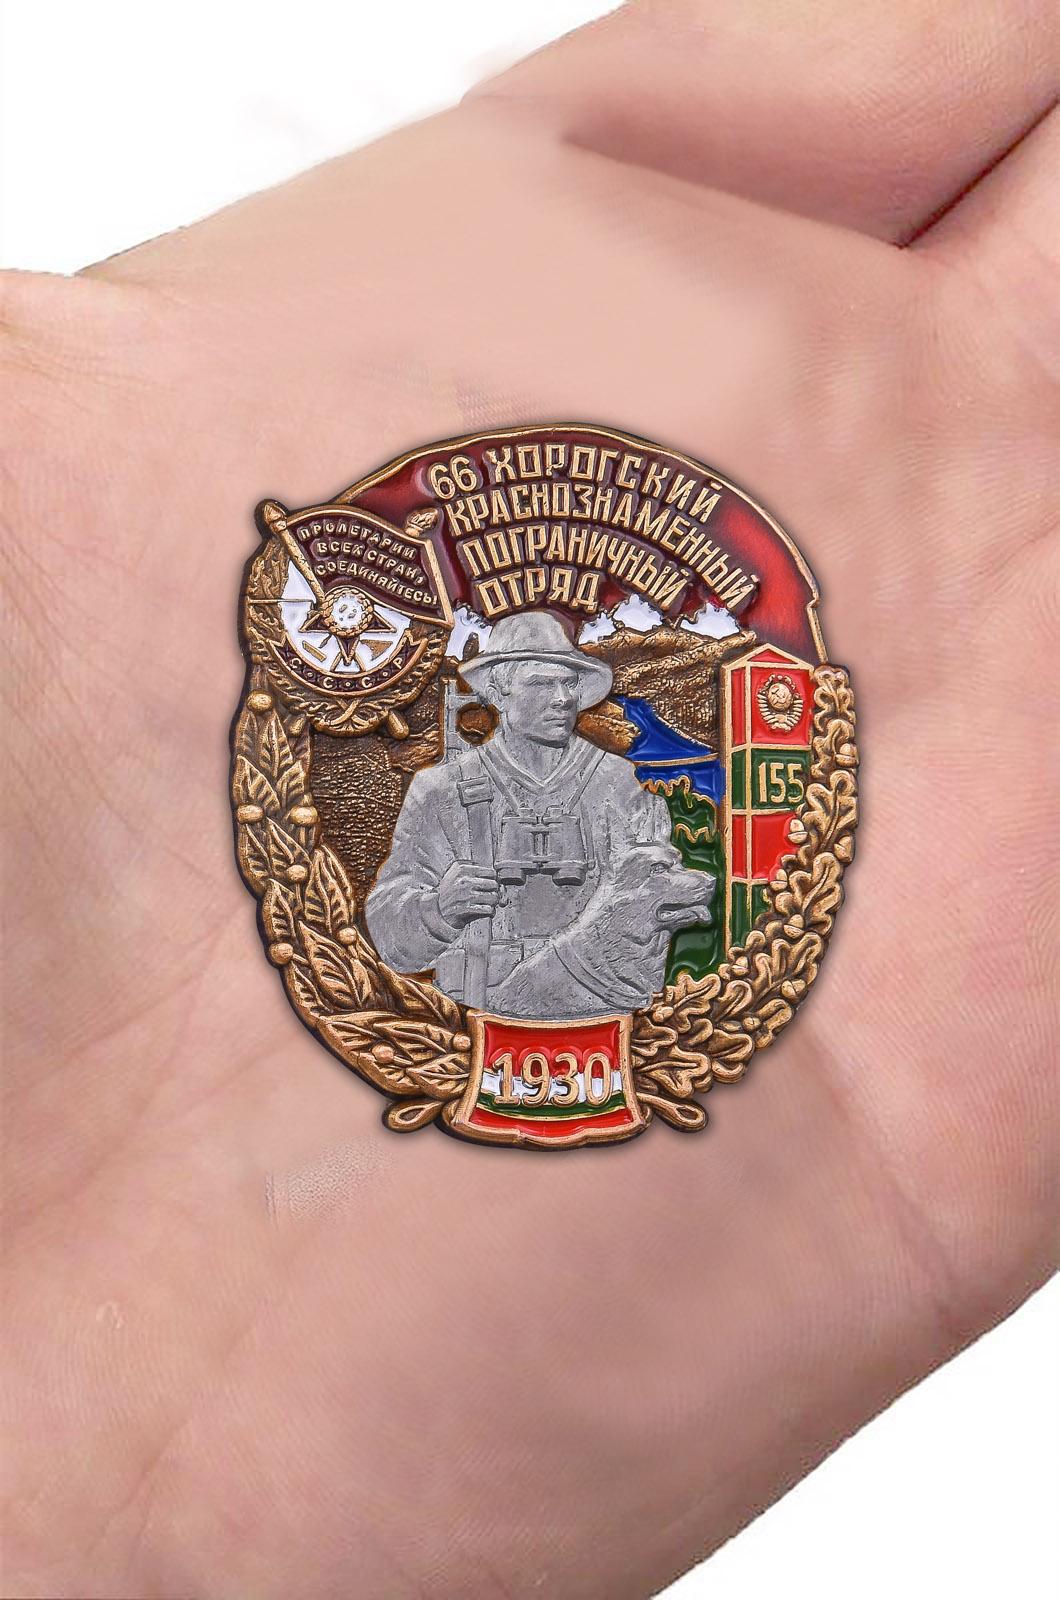 Латунный знак 66 Хорогский Краснознамённый Пограничный отряд - вид на ладони